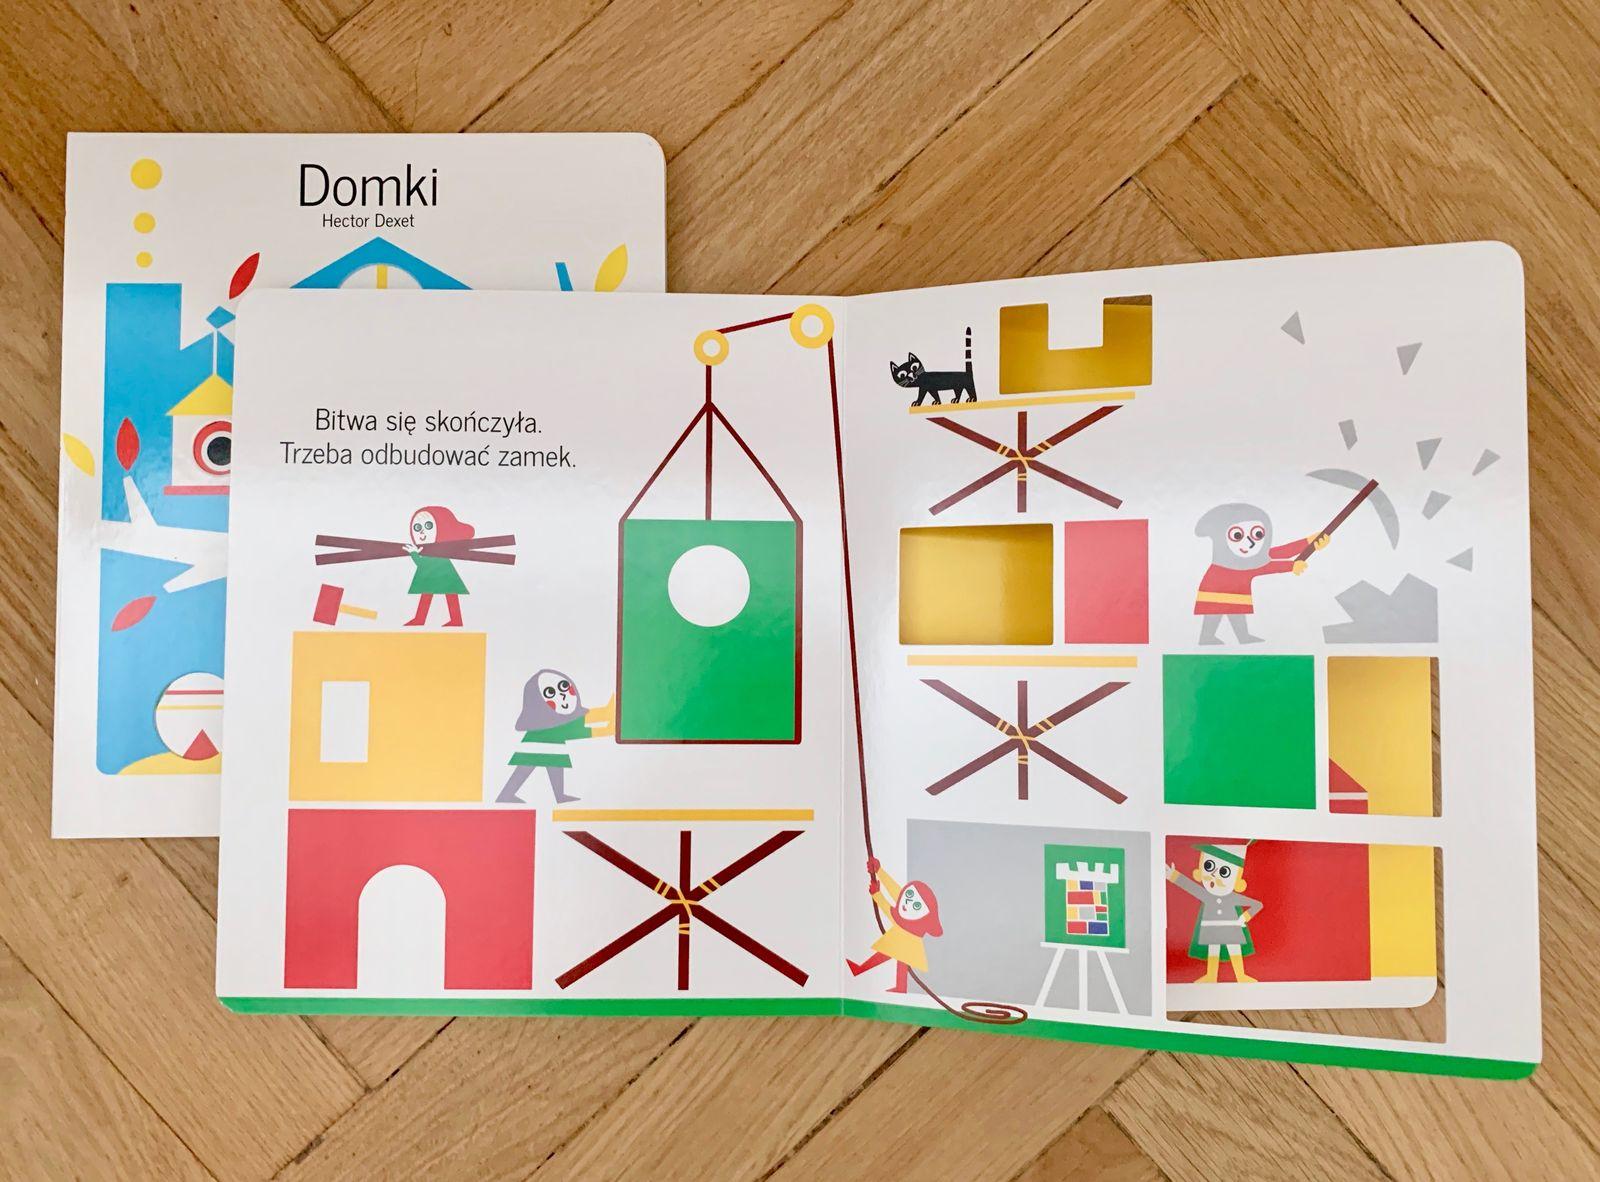 Zabawy kształtem i kolorem, czyli książki do twórczej zabawy